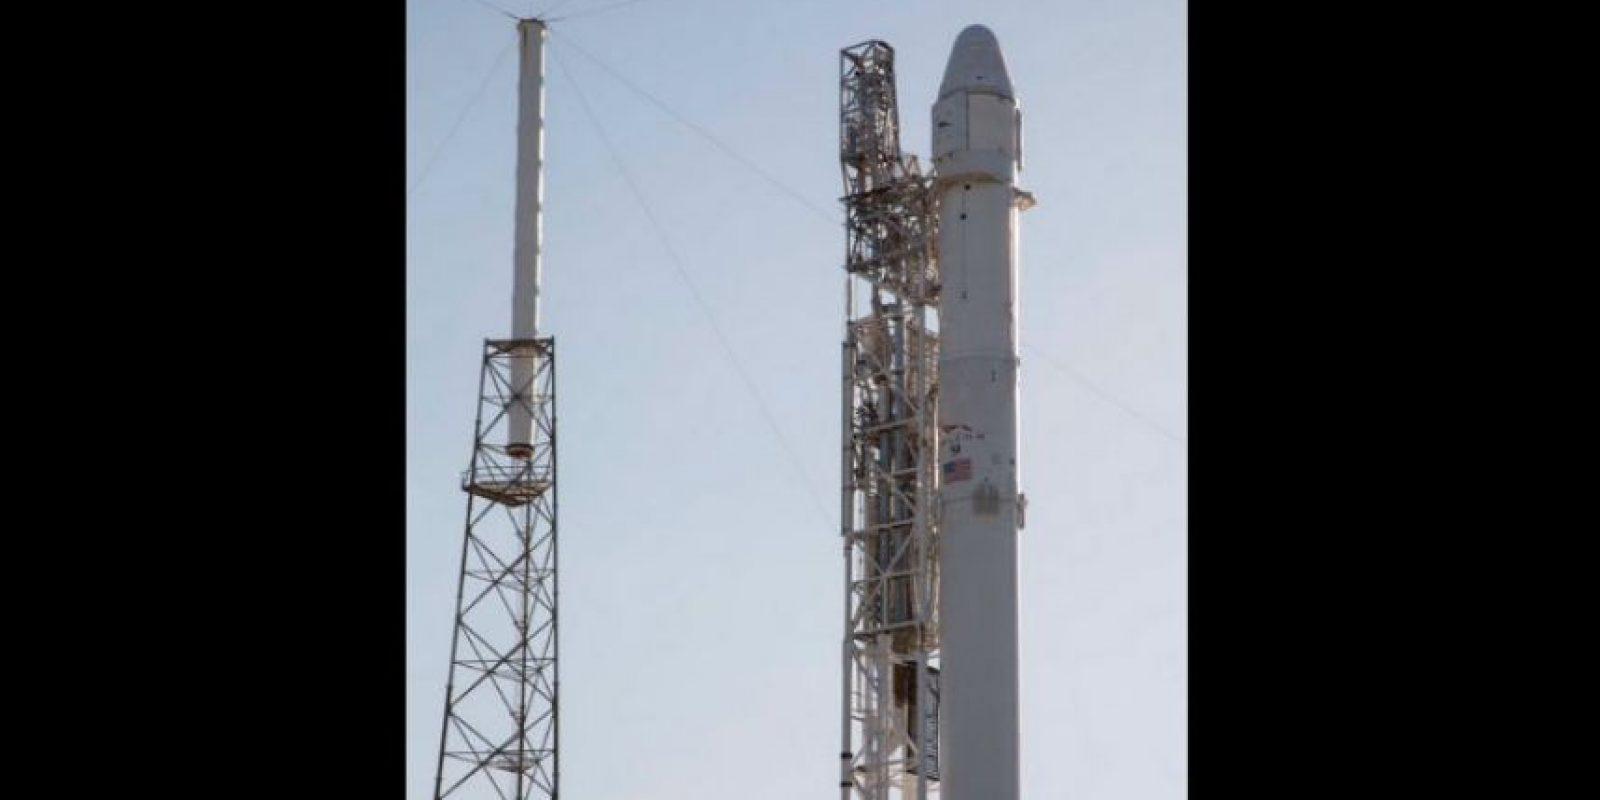 Ha desarrollado los cohetes Falcon 1 y Falcon 9, los cuales han sido construidos con la meta de ser vehículos de lanzamiento espacial reutilizables. Foto:twitter.com/SpaceX